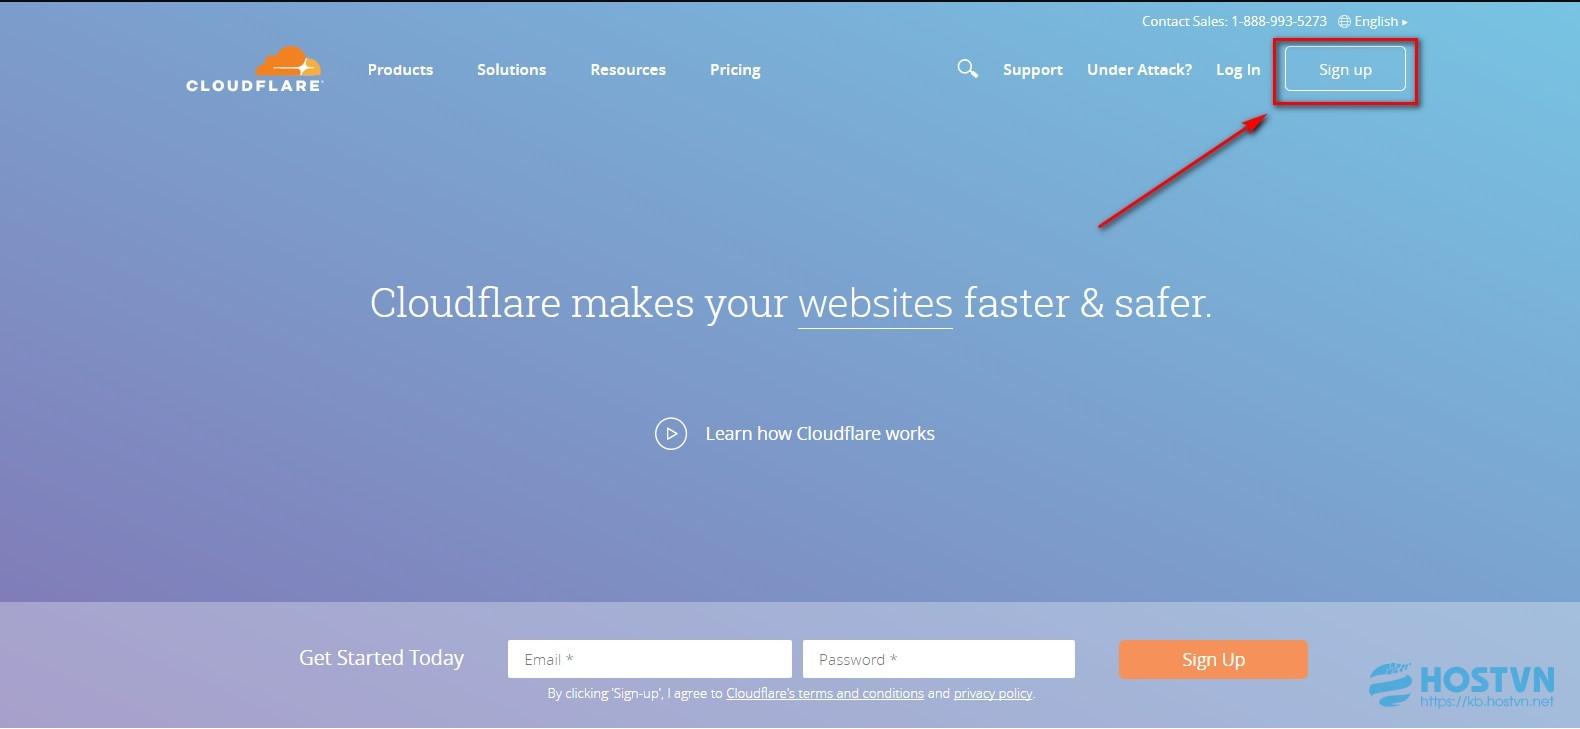 Hướng dẫn sử dụng Cloudflare hạn chế tấn công từ chối dịch